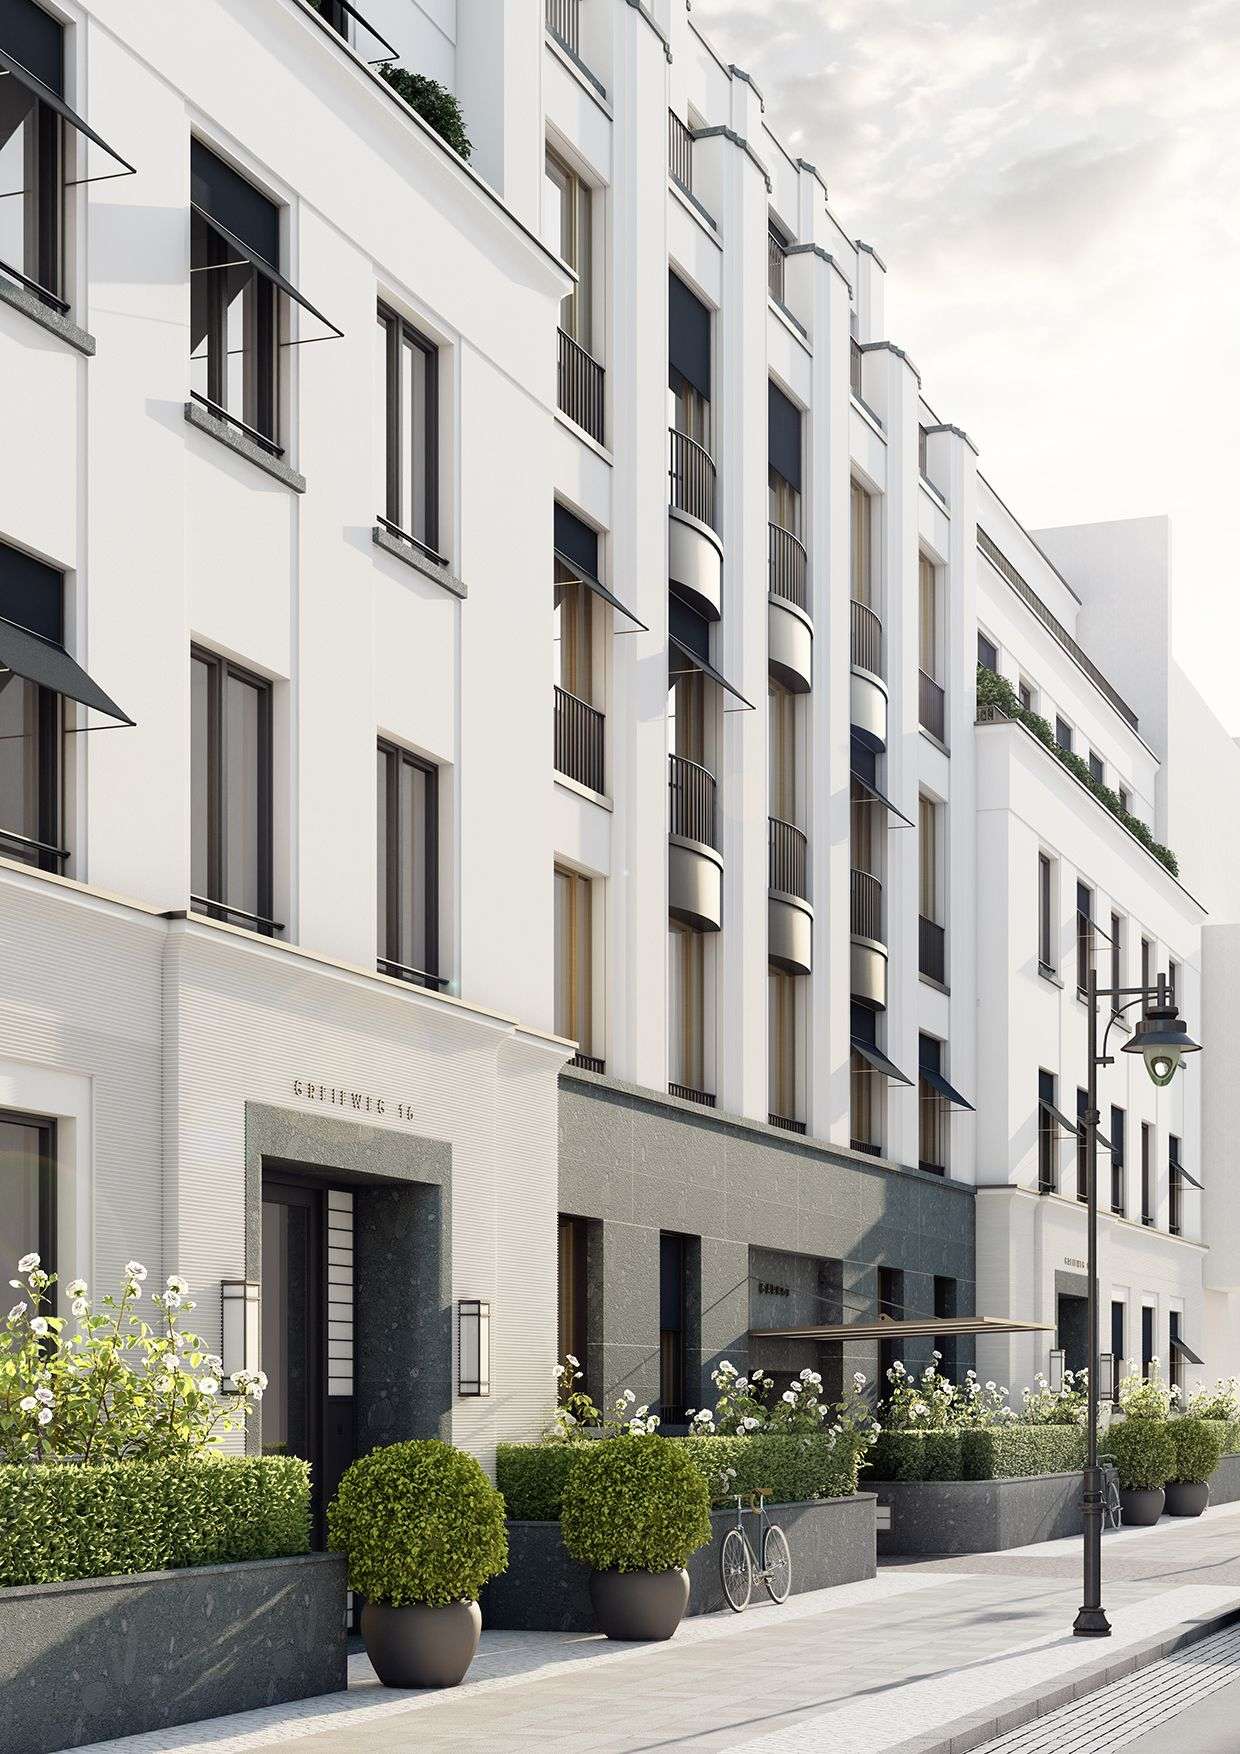 wohnbebauung mit 16 wohneinheiten d sseldorf in my. Black Bedroom Furniture Sets. Home Design Ideas